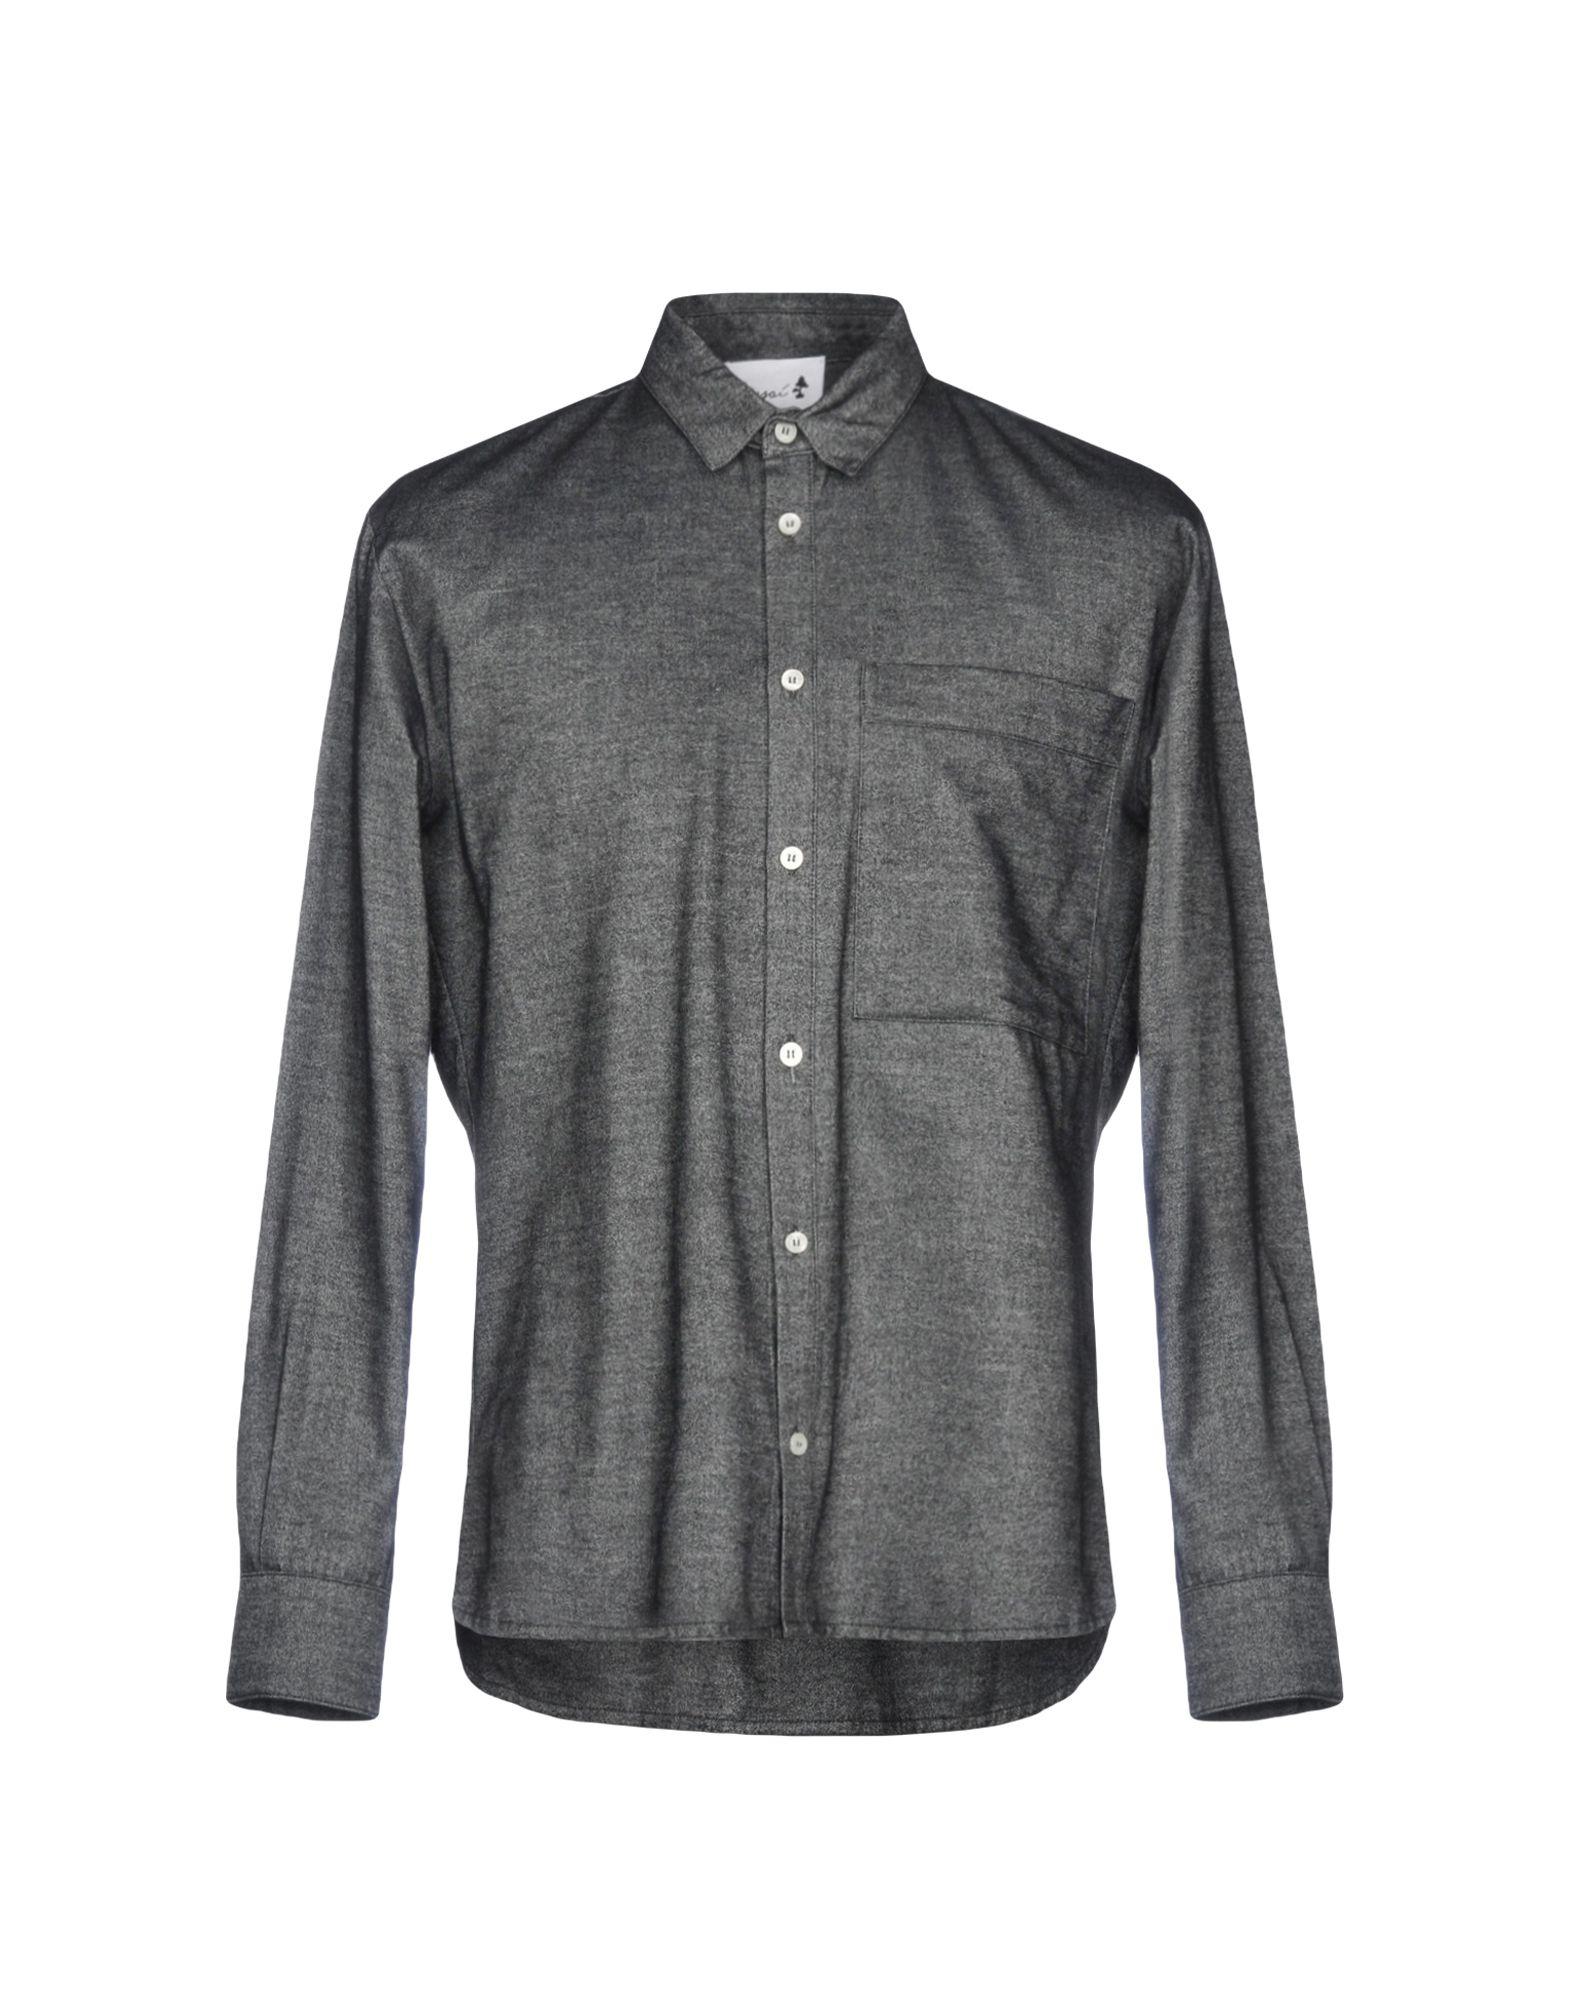 《送料無料》BONSAI メンズ シャツ スチールグレー M コットン 100%